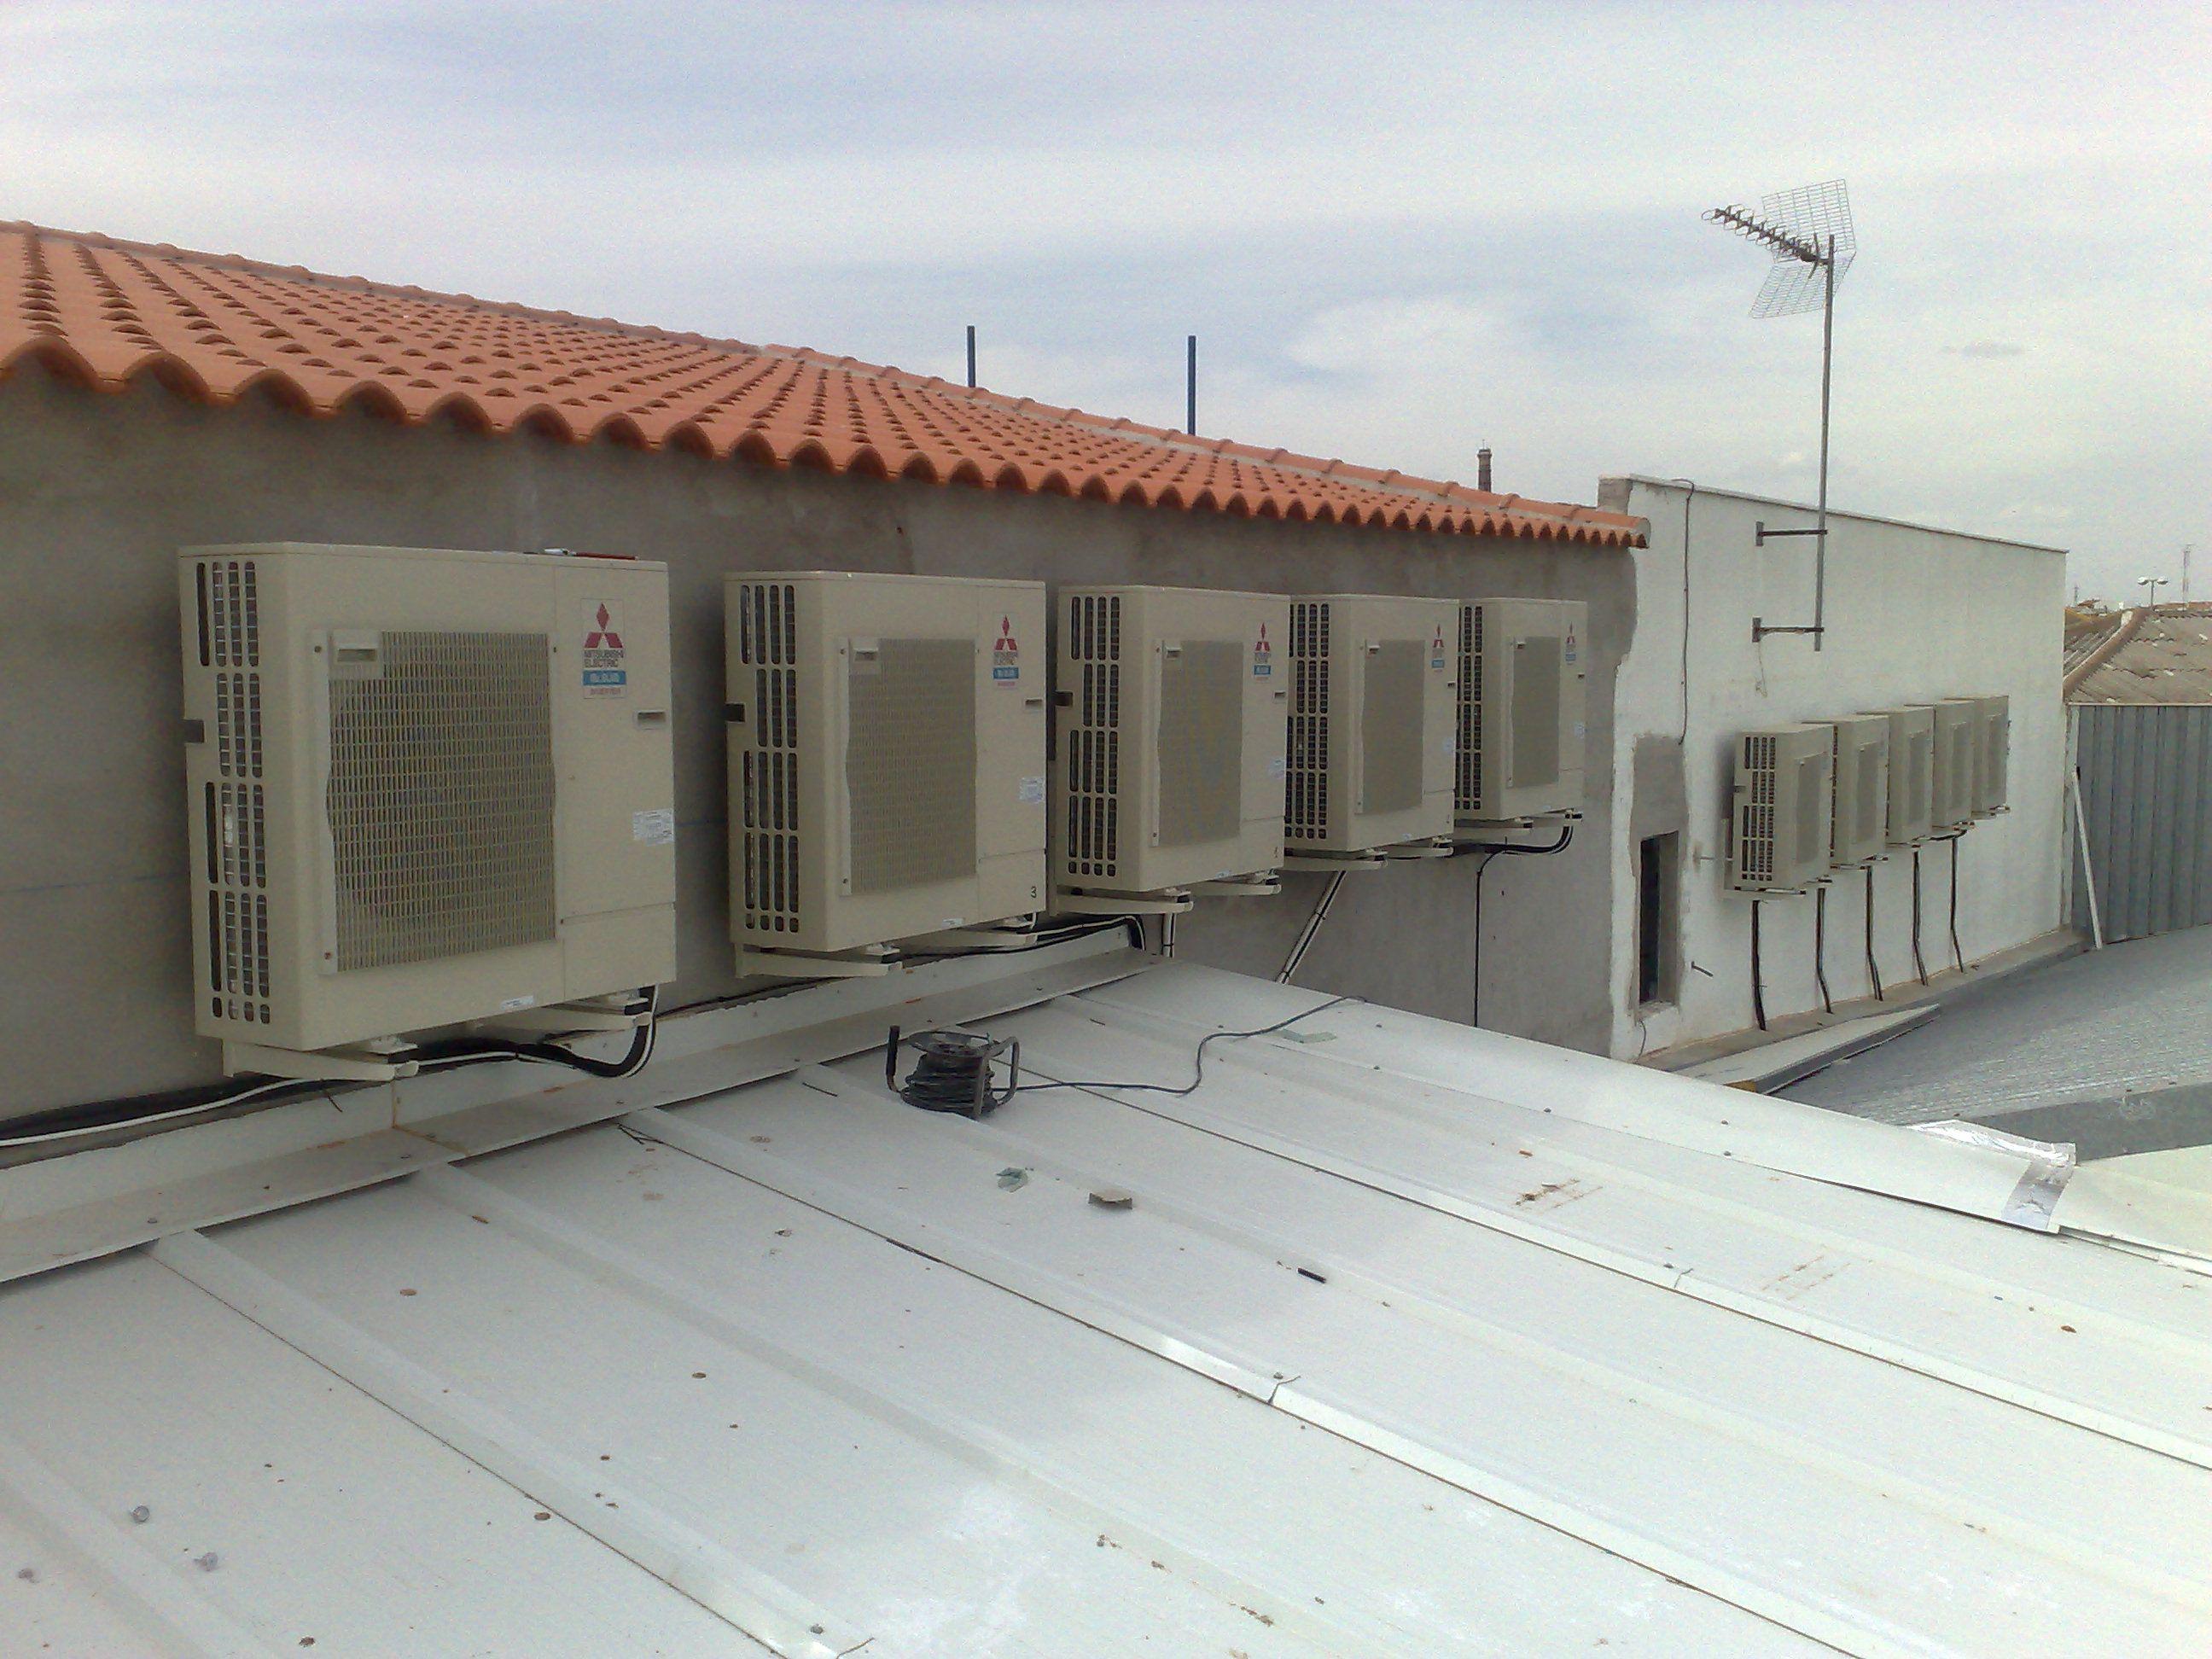 Foto 11 de Instalación, reparación y mantenimiento de aire acondicionado en Quintanar de la Orden | Servi- Electro Quintanar